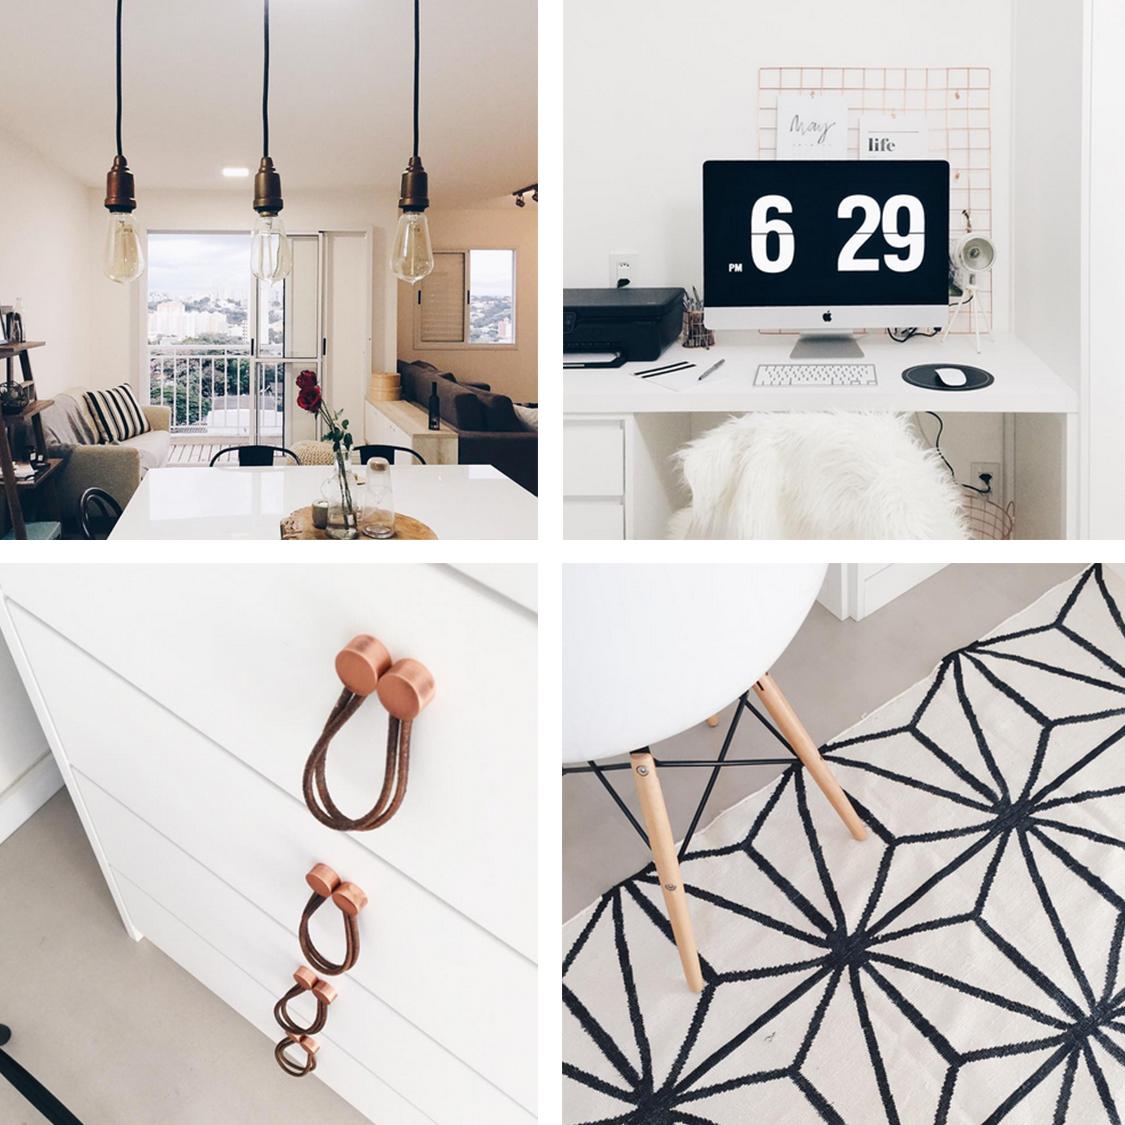 decoracao-minimalista-instas-para-seguir-ja-danielle-noce-4